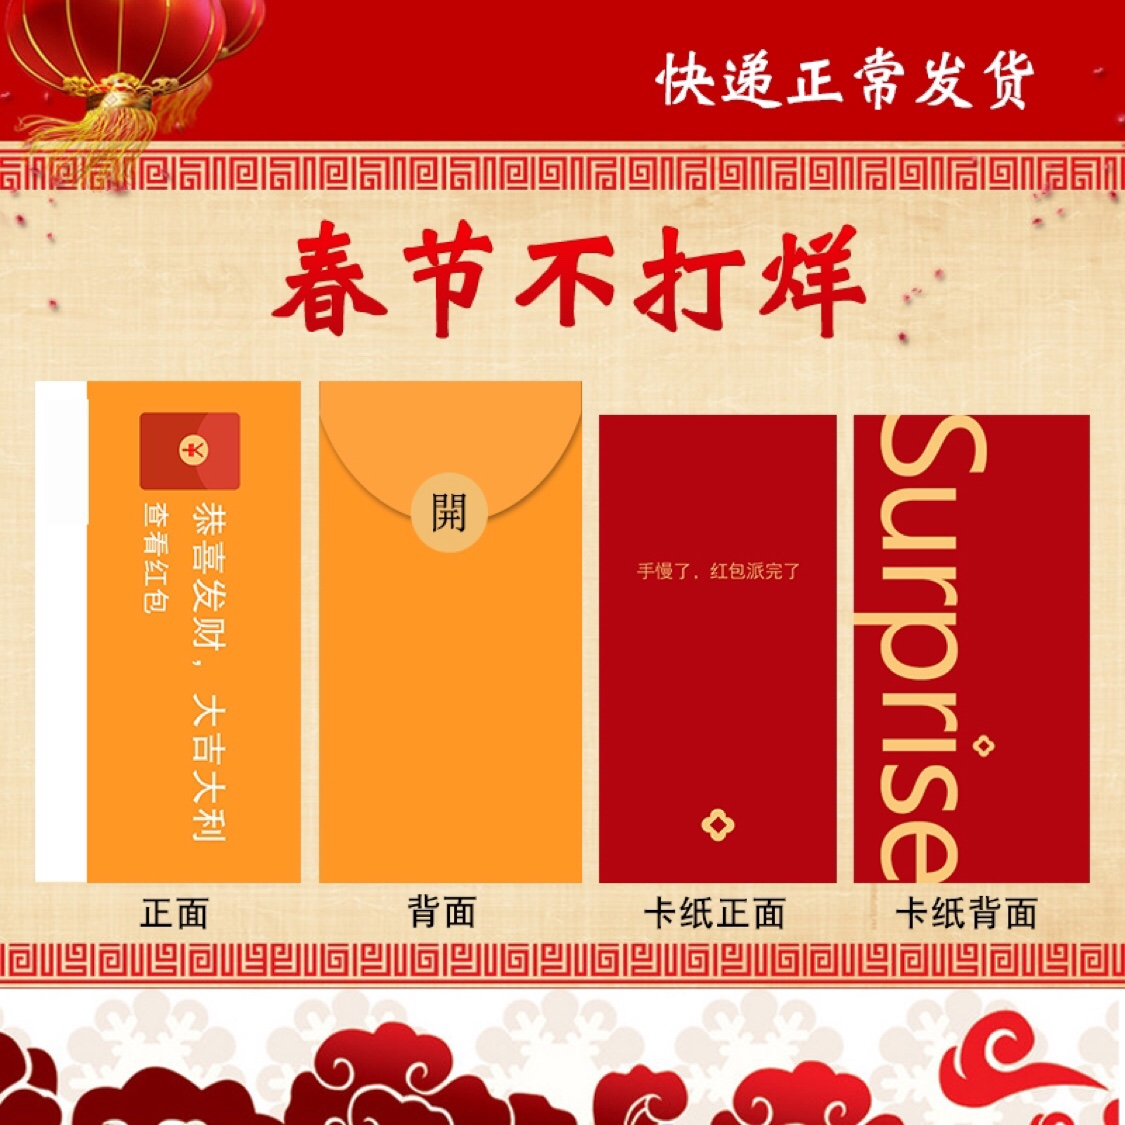 2020年老鼠年WX红包新年利是封过年红包搞笑创意春节压岁钱红包